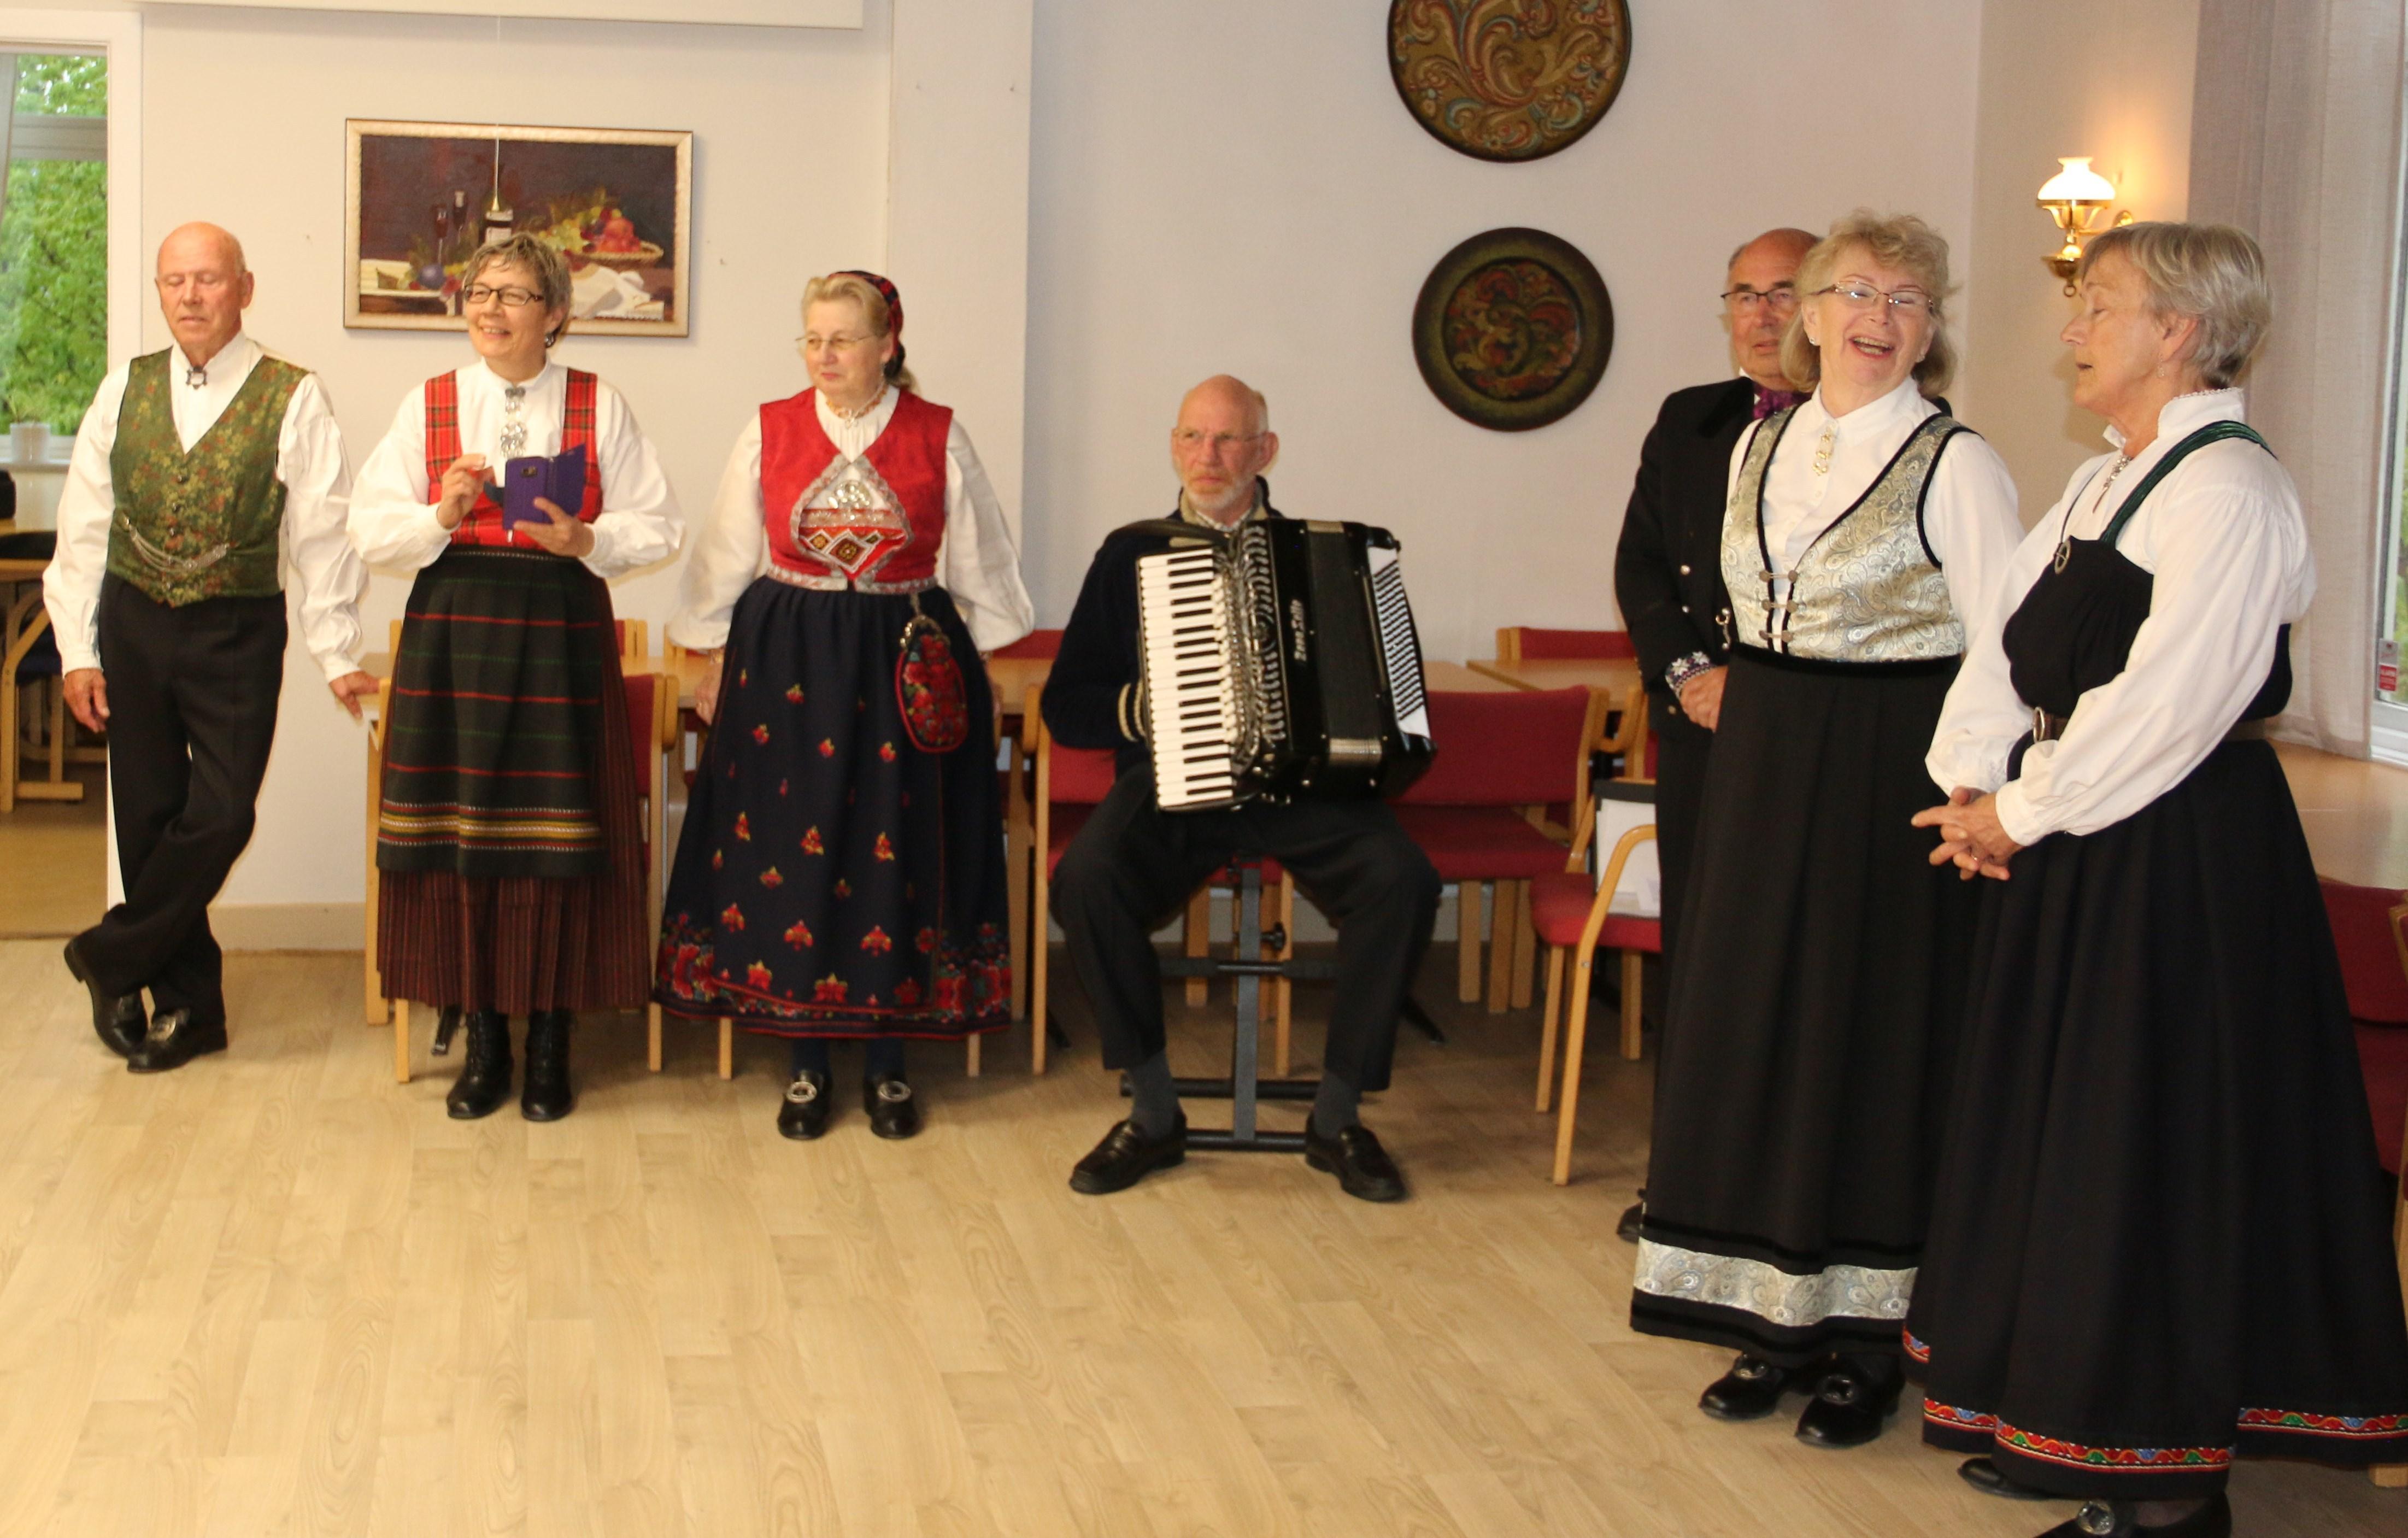 IMG_8160_Leikarringen_Noreg_Rosemalerstua_Fremsyning.JPG